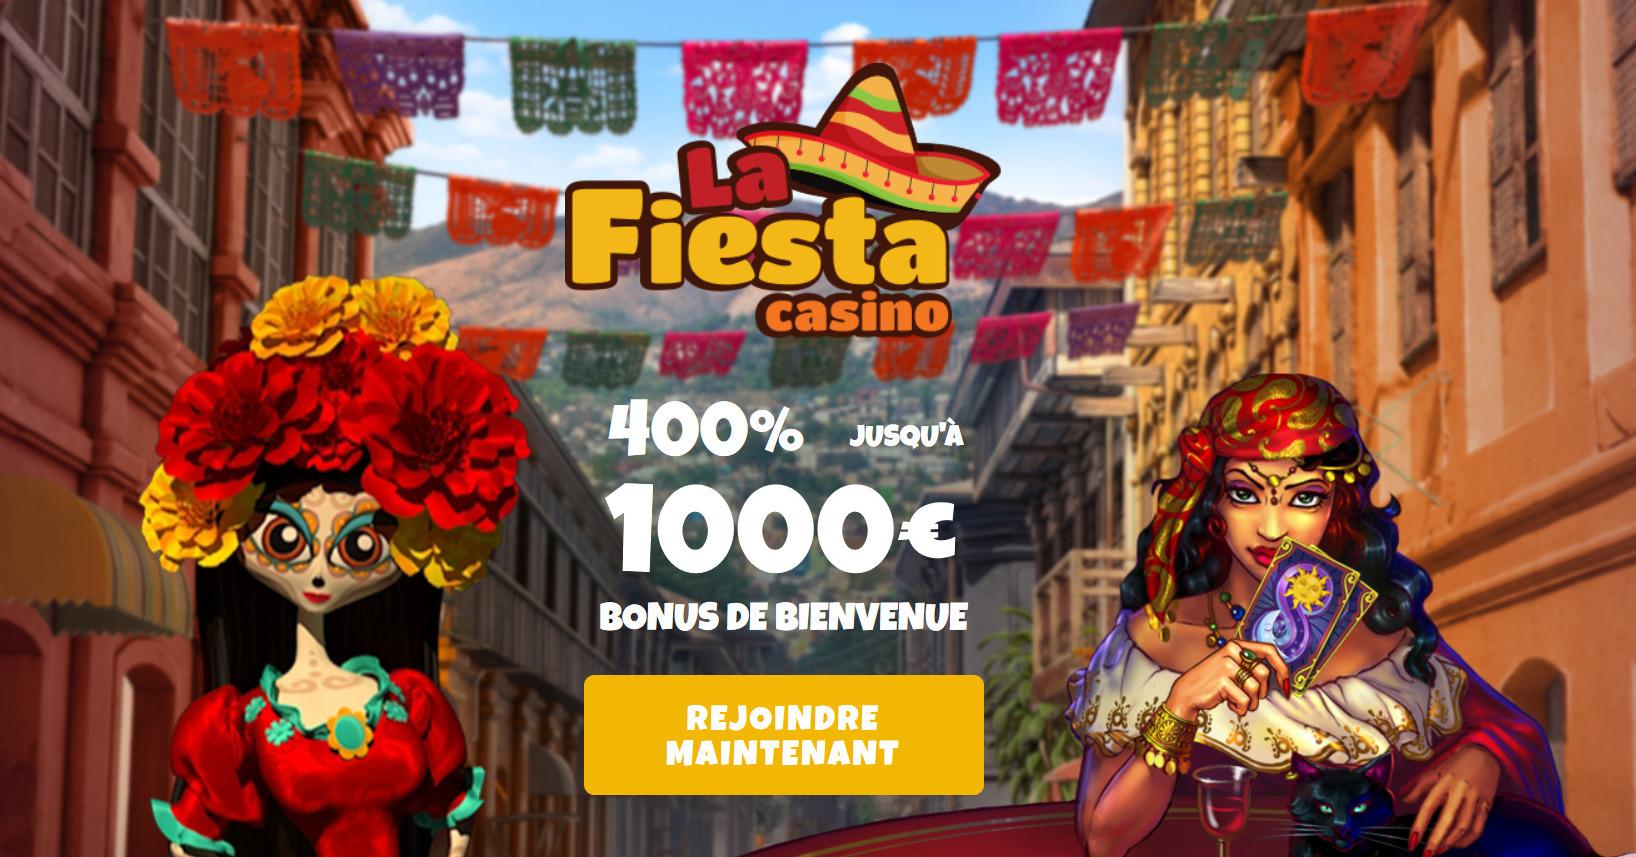 Casino La Fiesta avis : un avis objectif sur ce casino en ligne